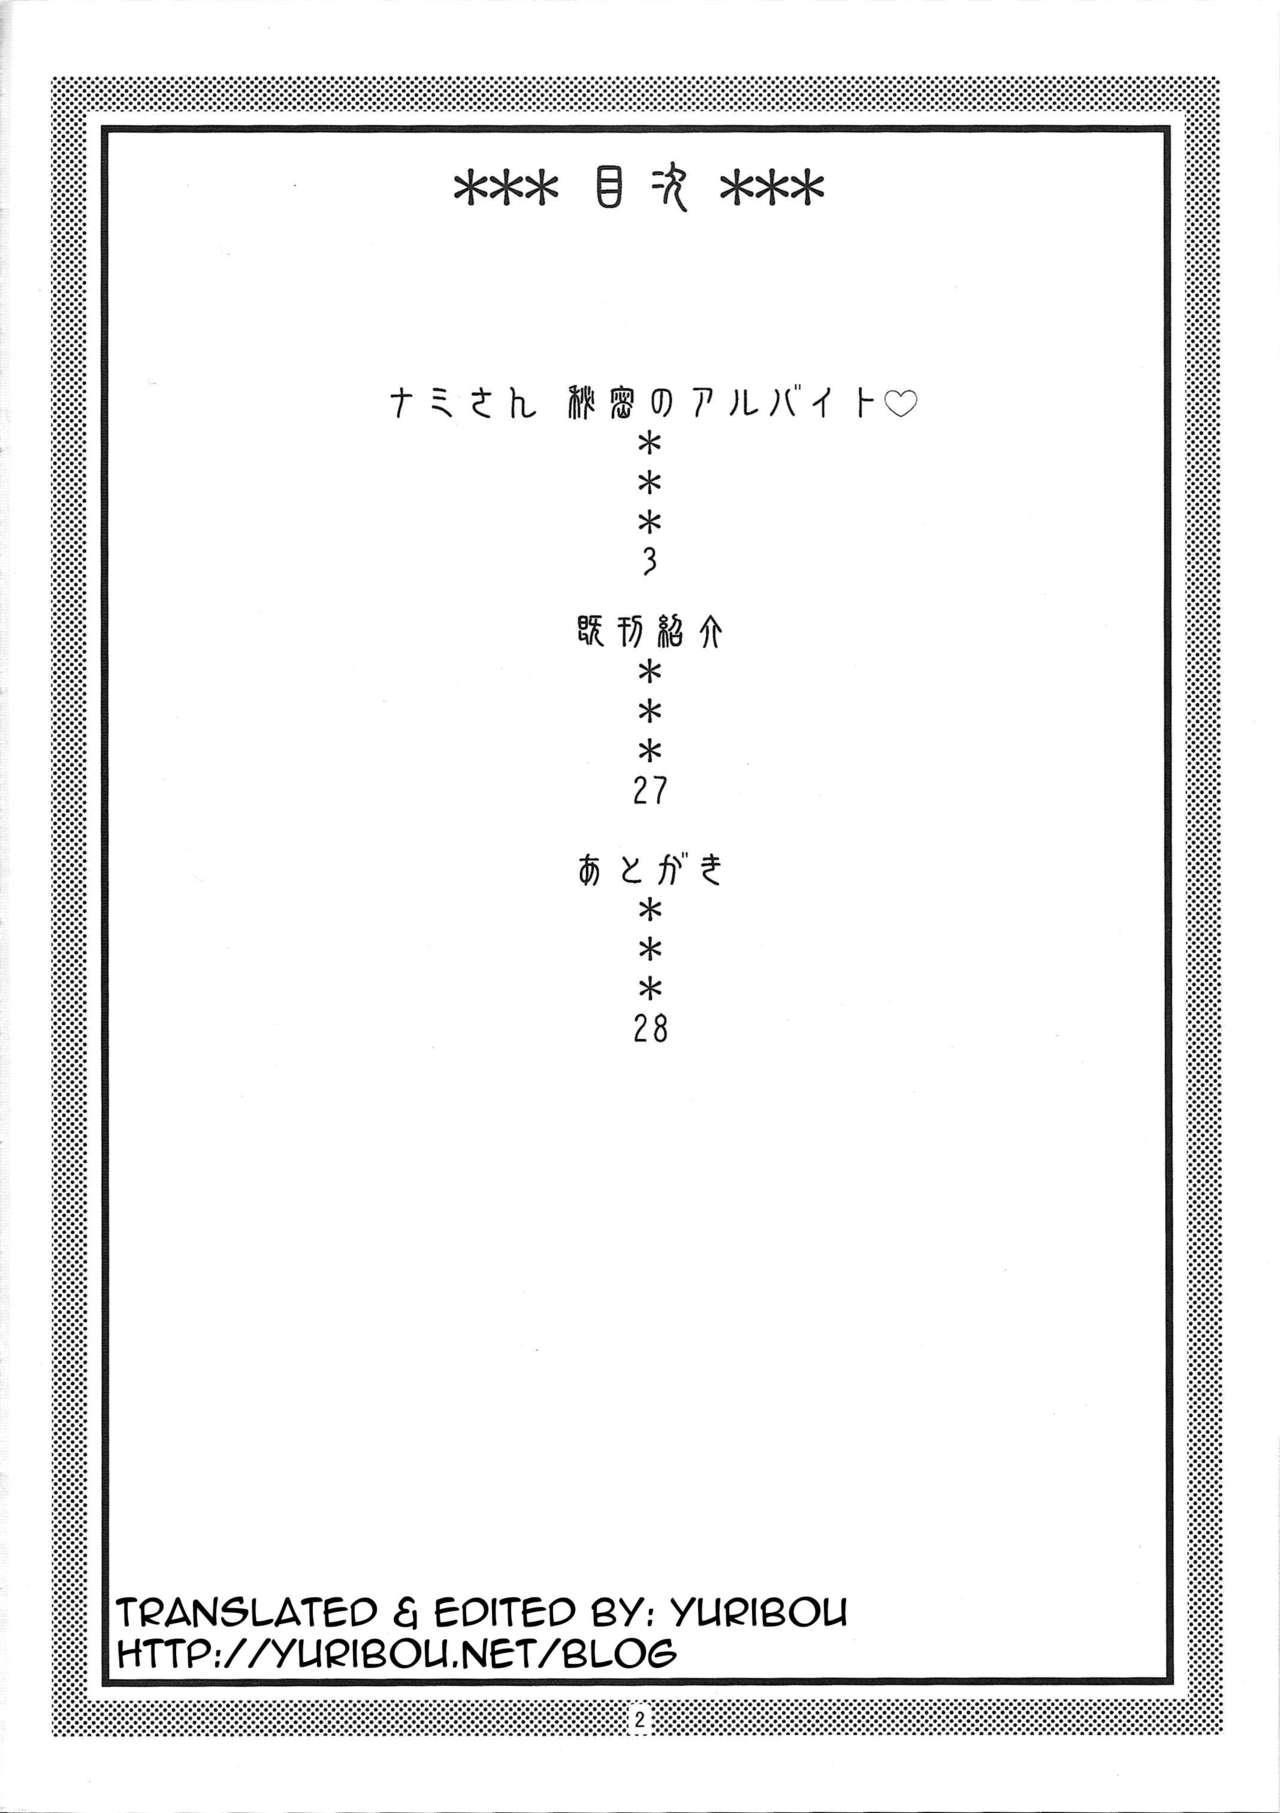 (C76) [ACID-HEAD (Murata.)] Nami no Ura Koukai Nisshi 4 (One Piece)   Nami's Hidden Sailing Diary 4 [English] {doujin-moe.us} 2